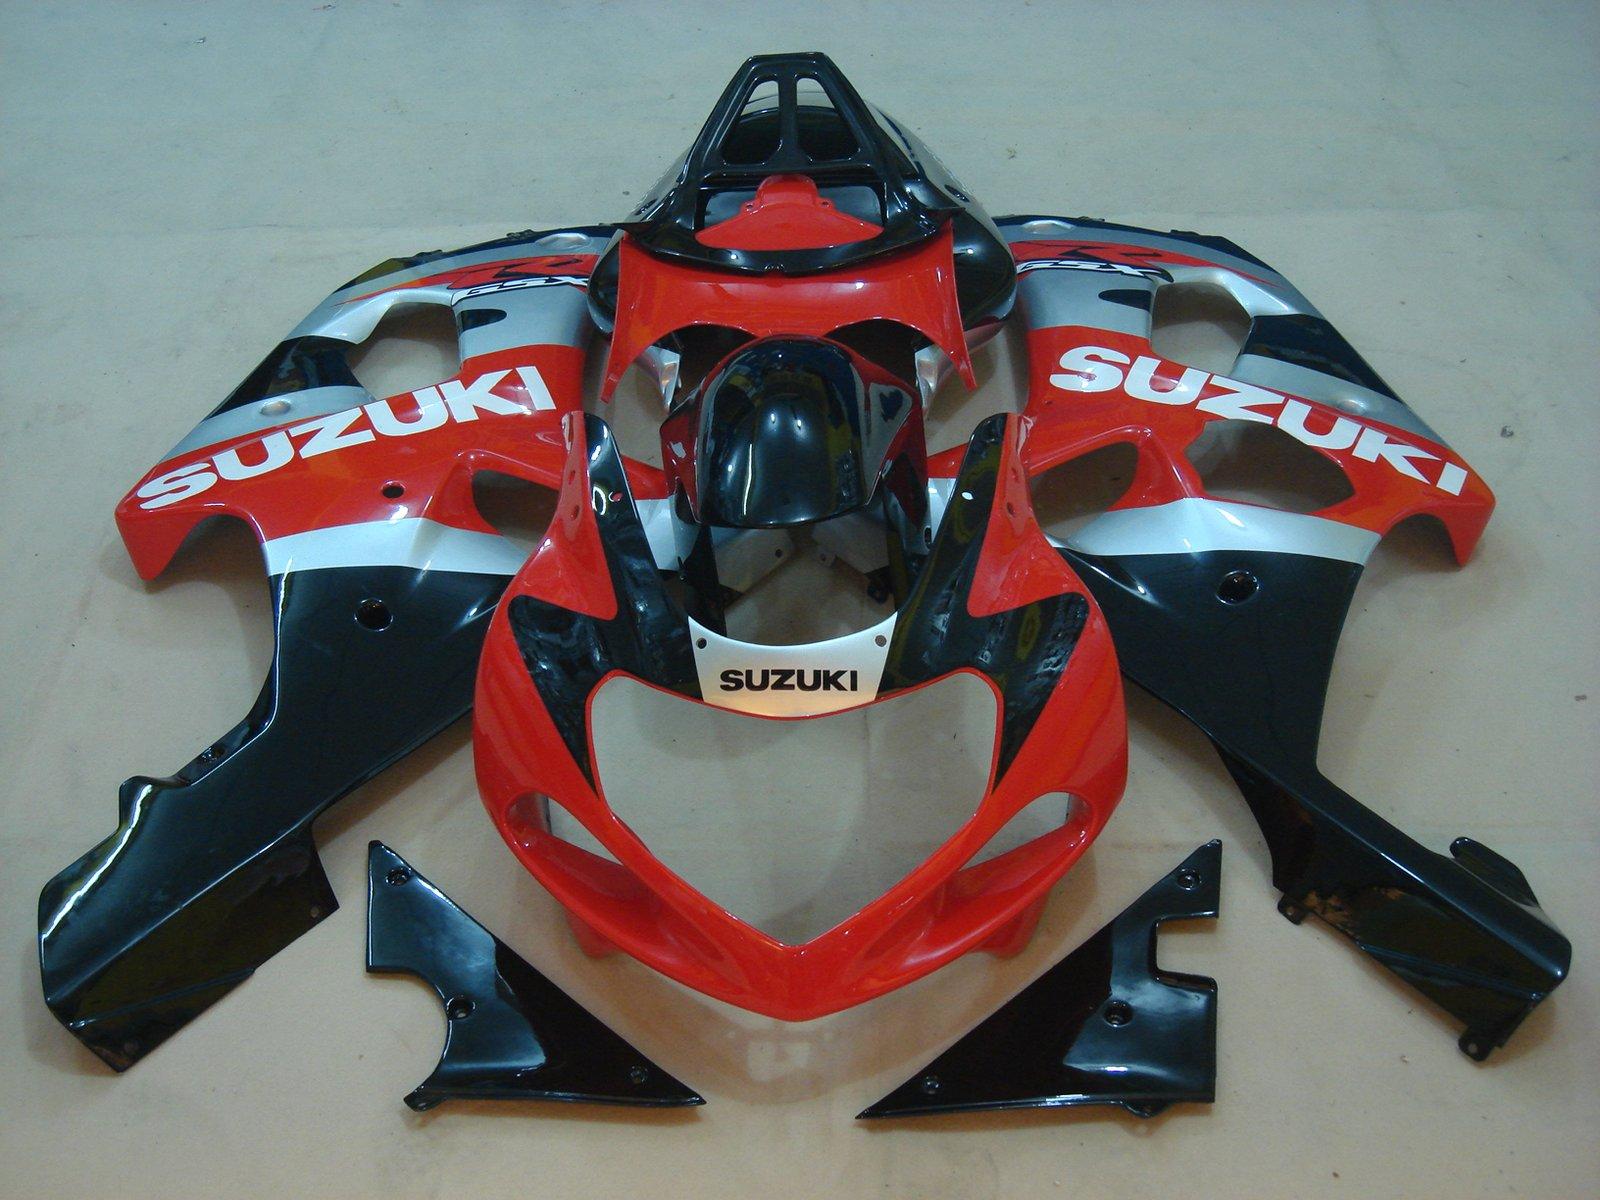 Suzuki Aftermarket Parts Gsxr1000 K1 K2 00 02 01